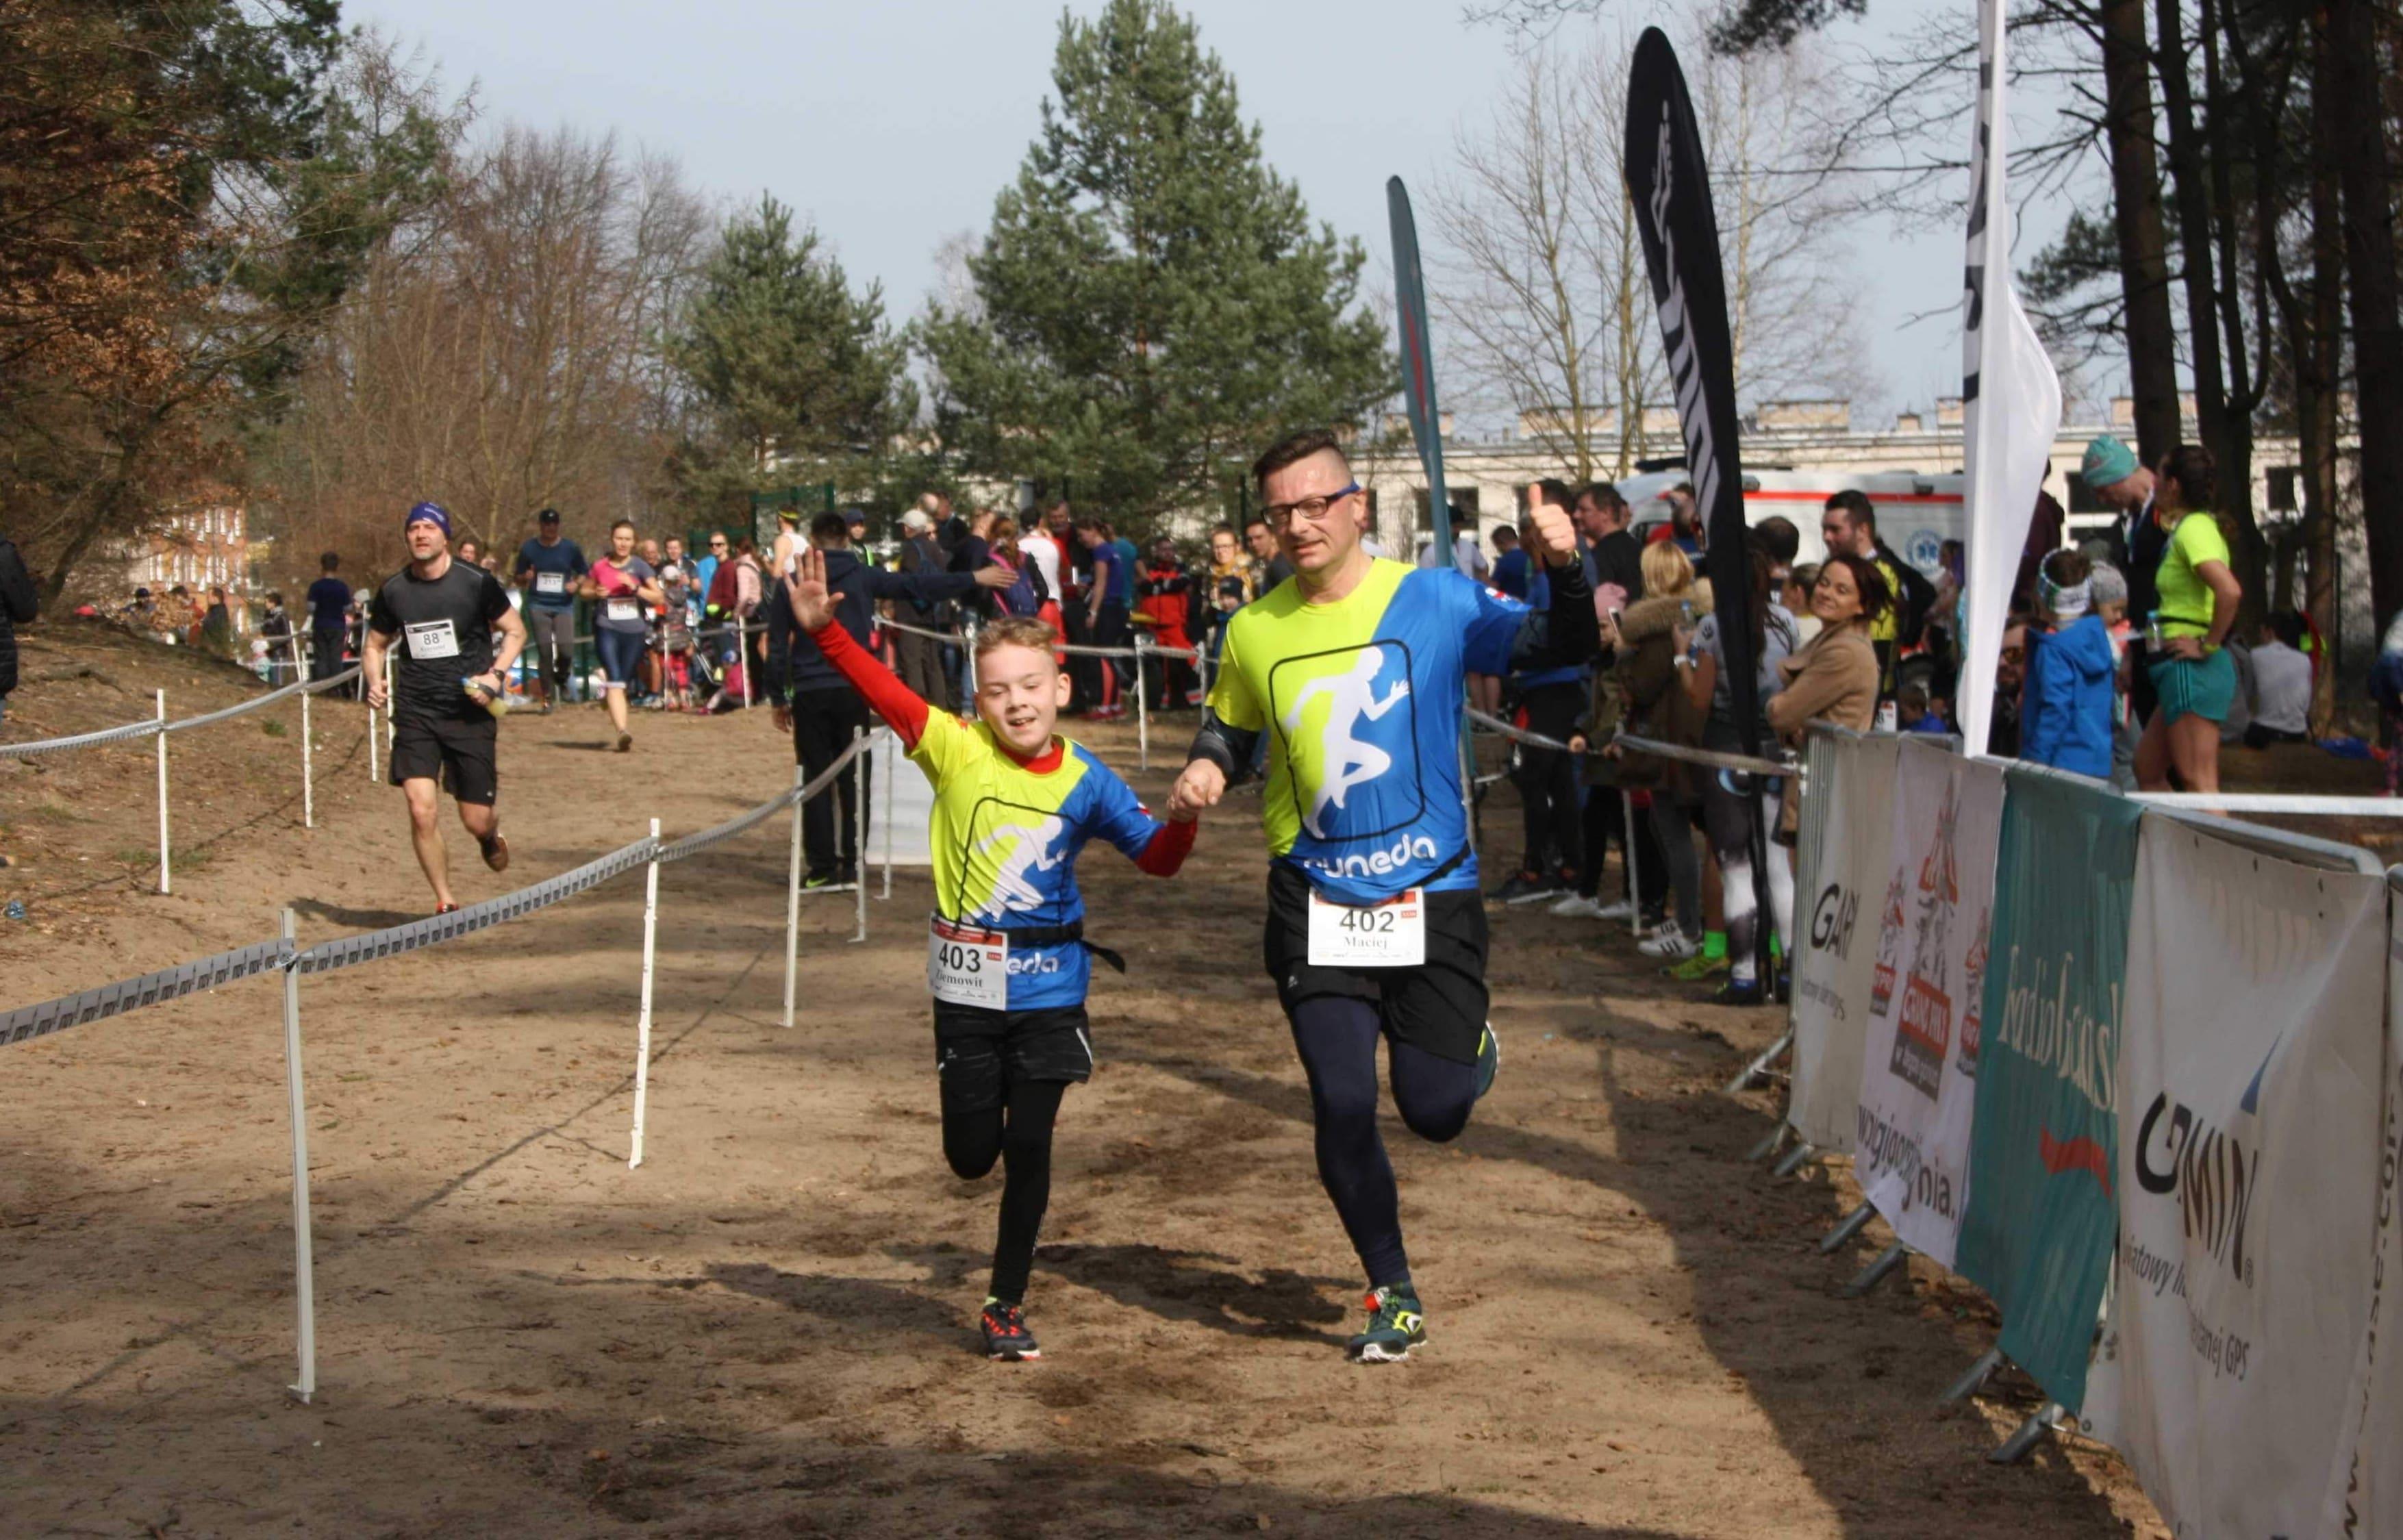 Ziemowit z tatą Maciejem podczas zawodów biegowych, fot. archiwum rodzinne